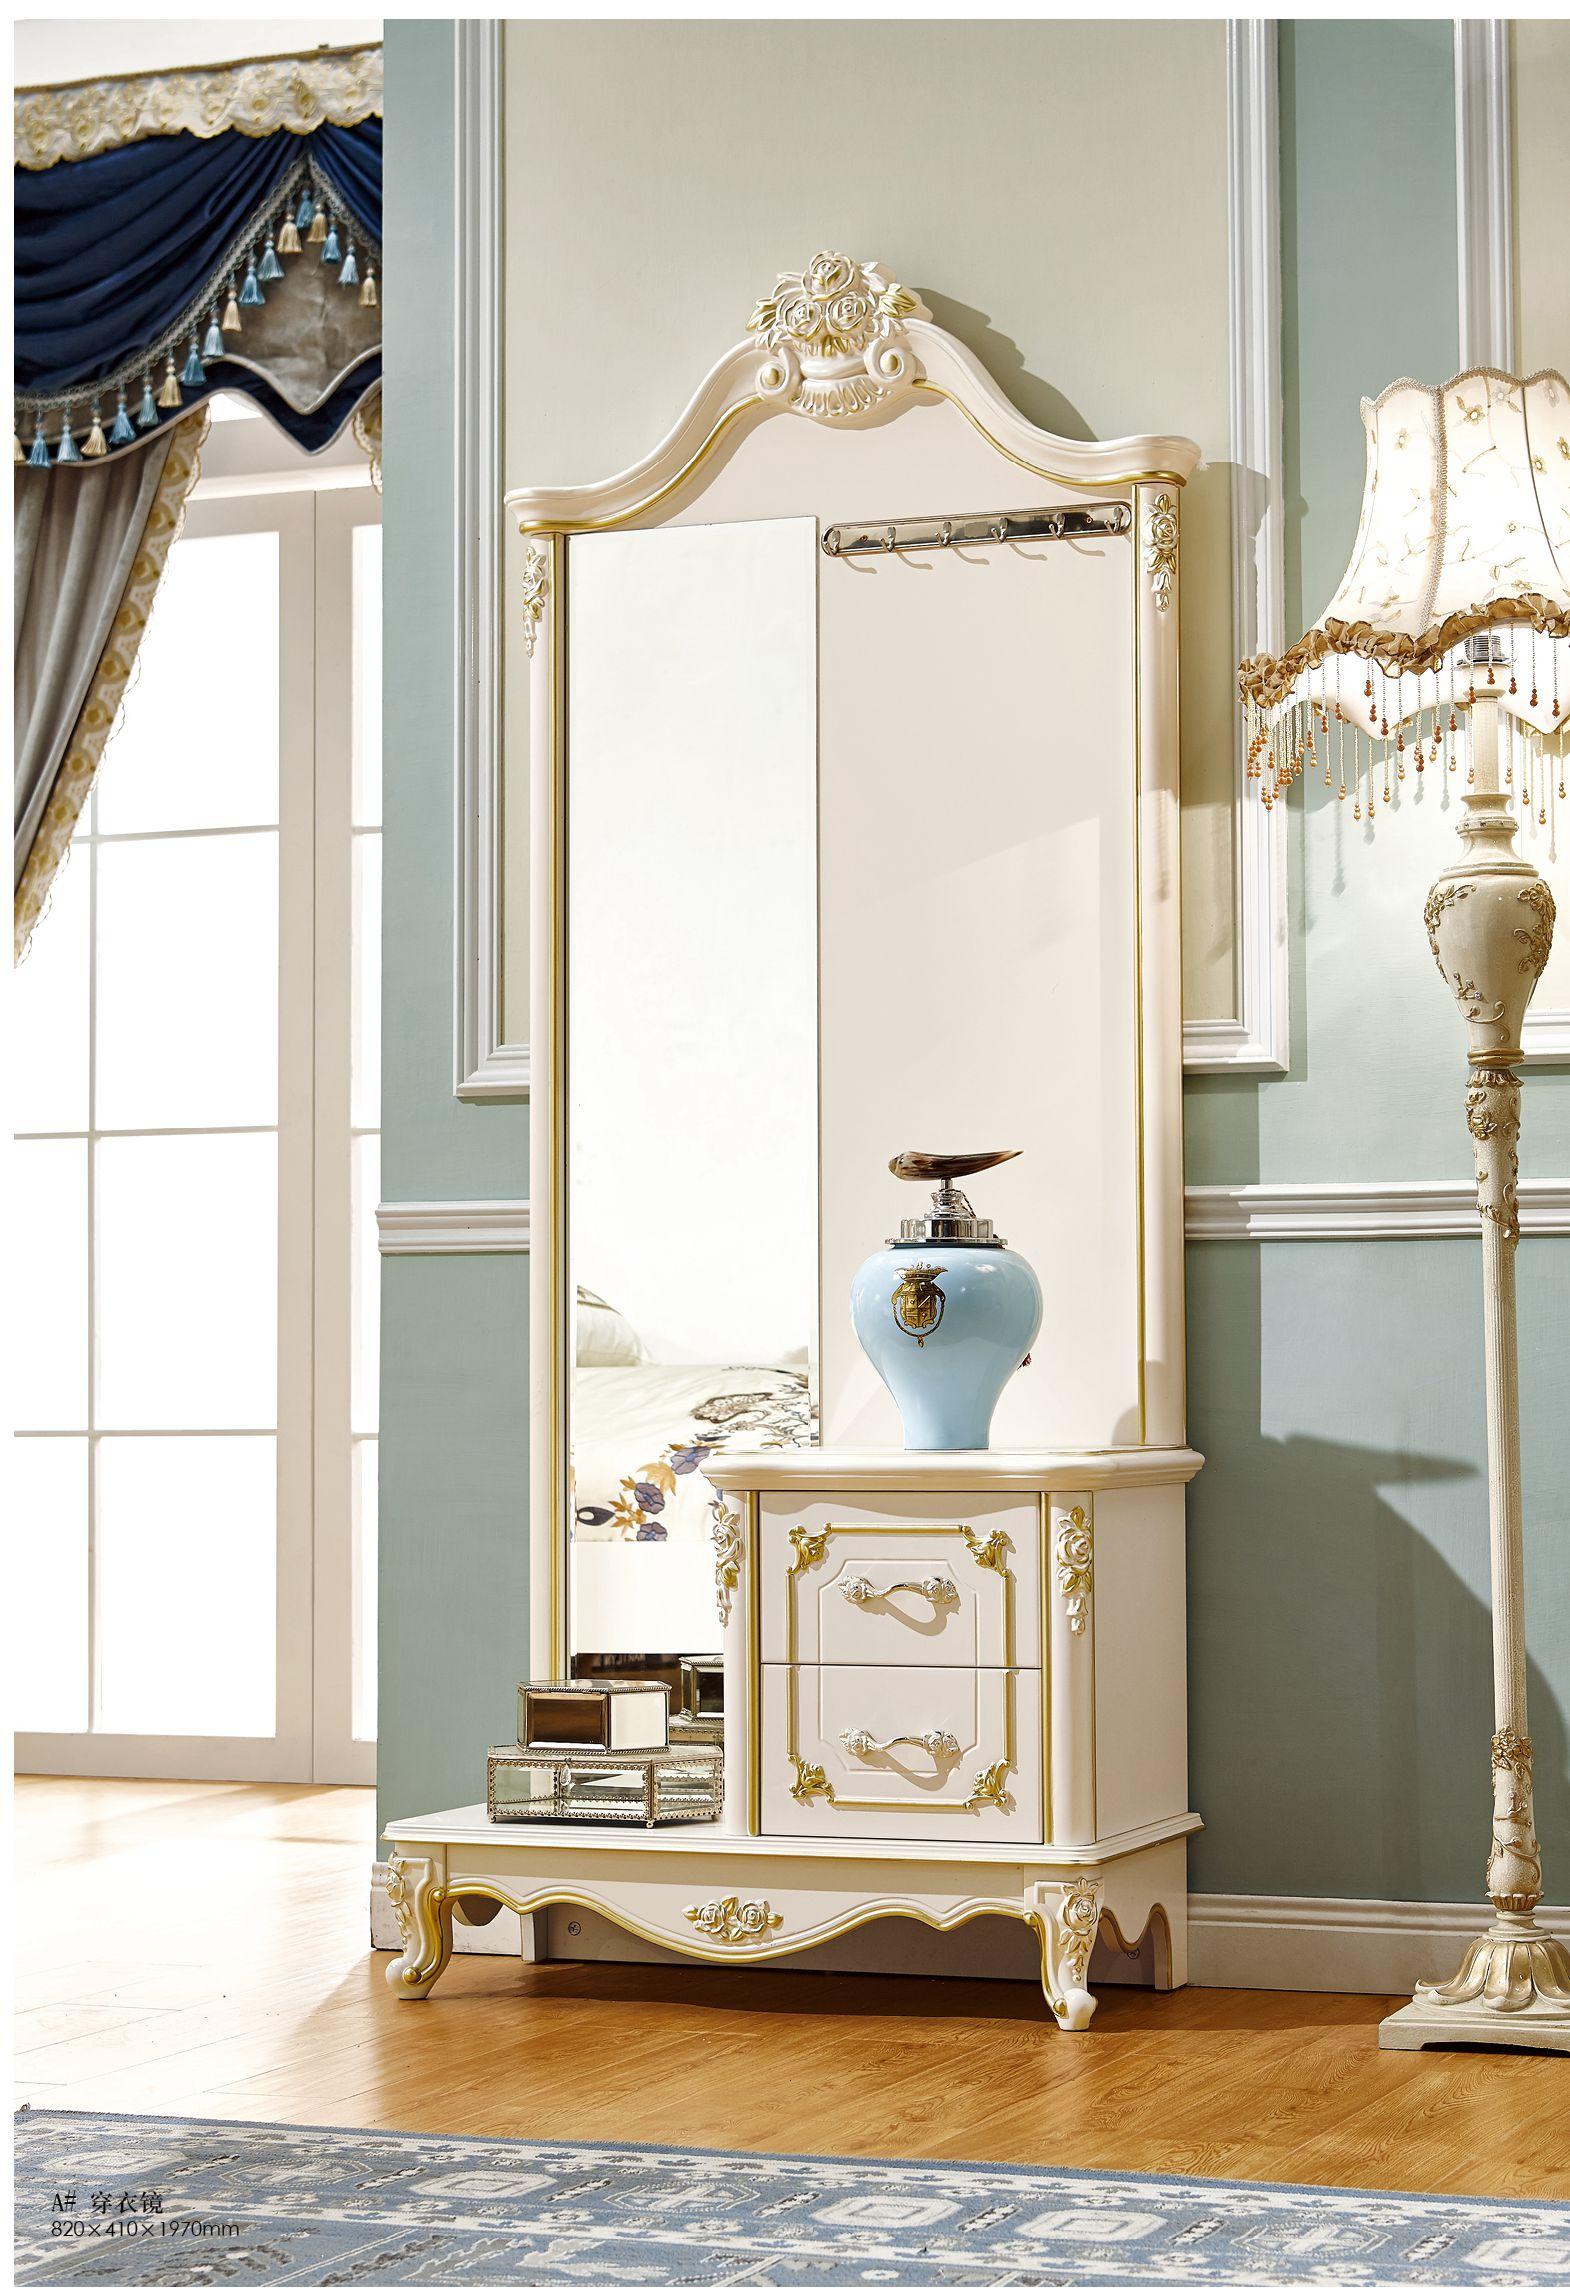 US $402.0 |Mobili di lusso Francese Spogliatoio Specchio da tavolo Per La  Camera Da Letto Set penteadeira mesa dormitorio toaletka-in Cassettiere da  ...